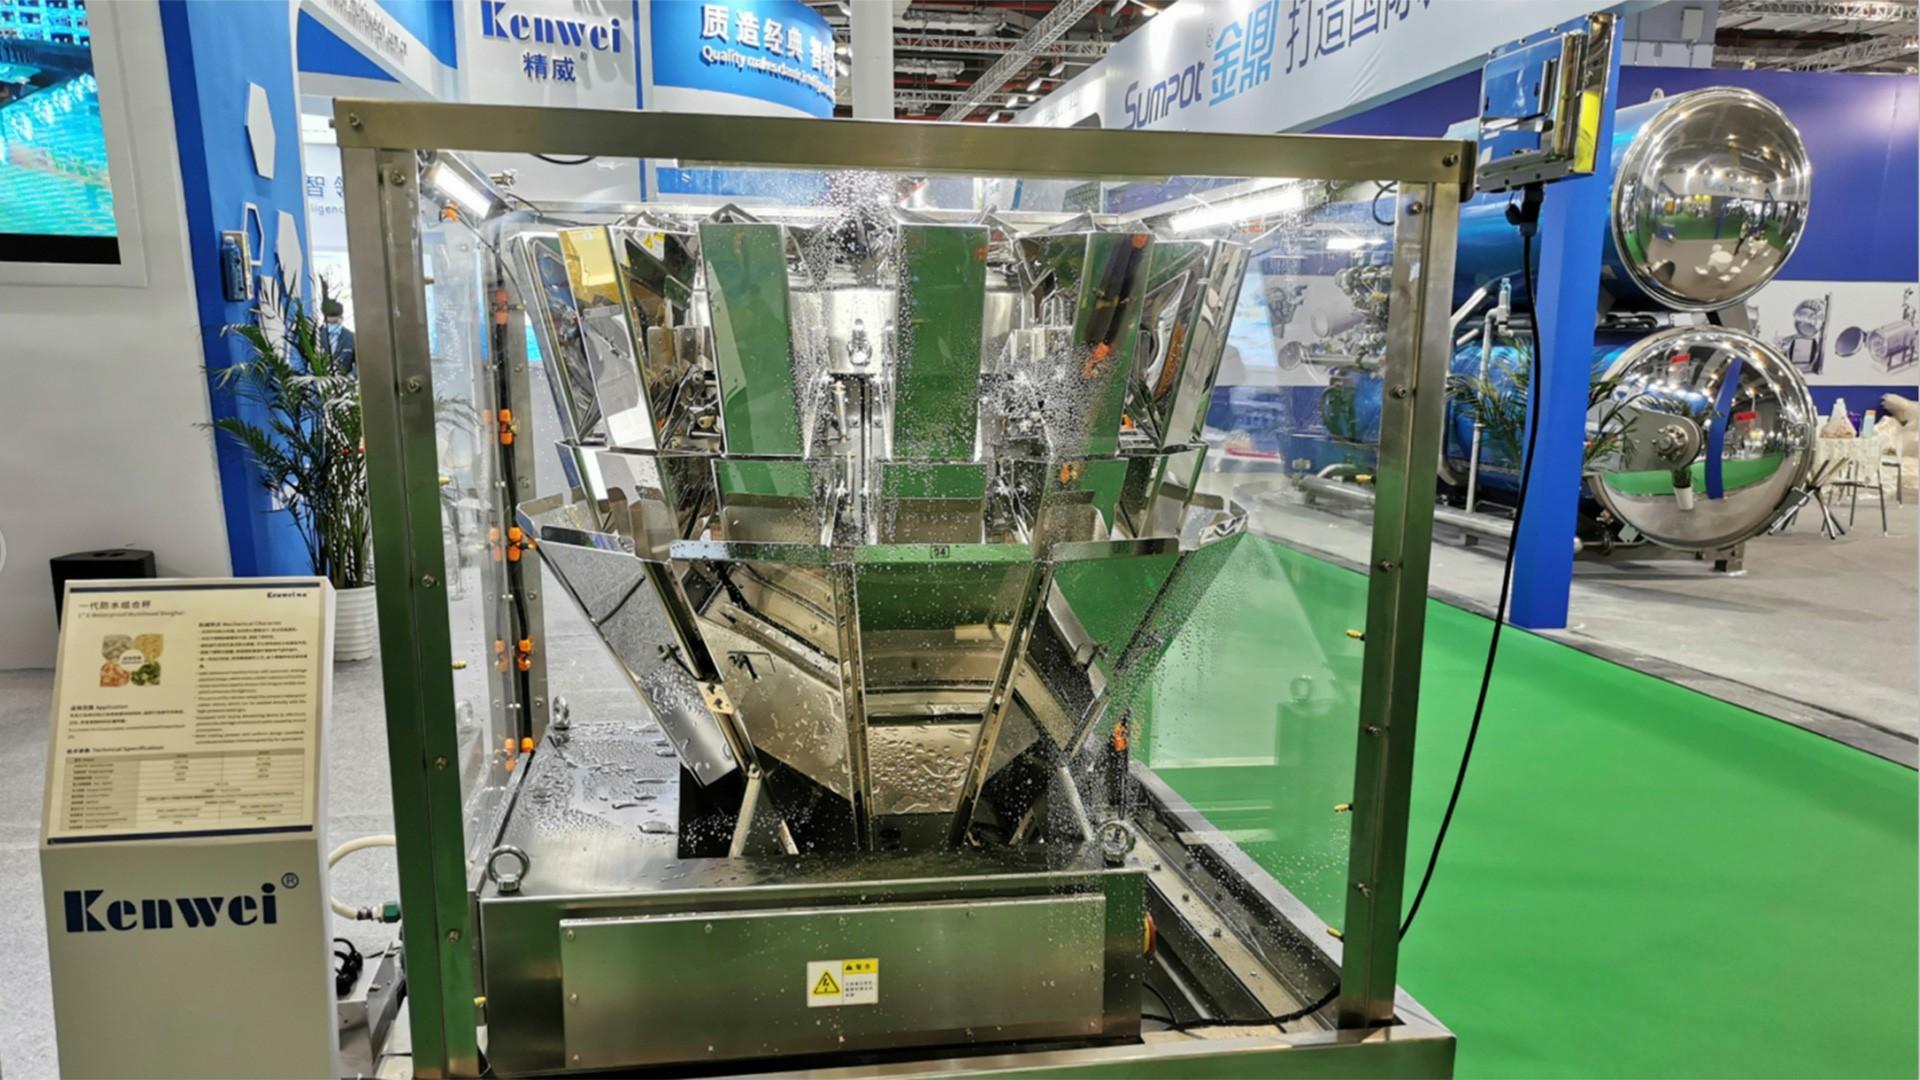 Pesadora multicabezal de 14 cabezales (1,6 / 2,5 litros) IP66 a prueba de agua